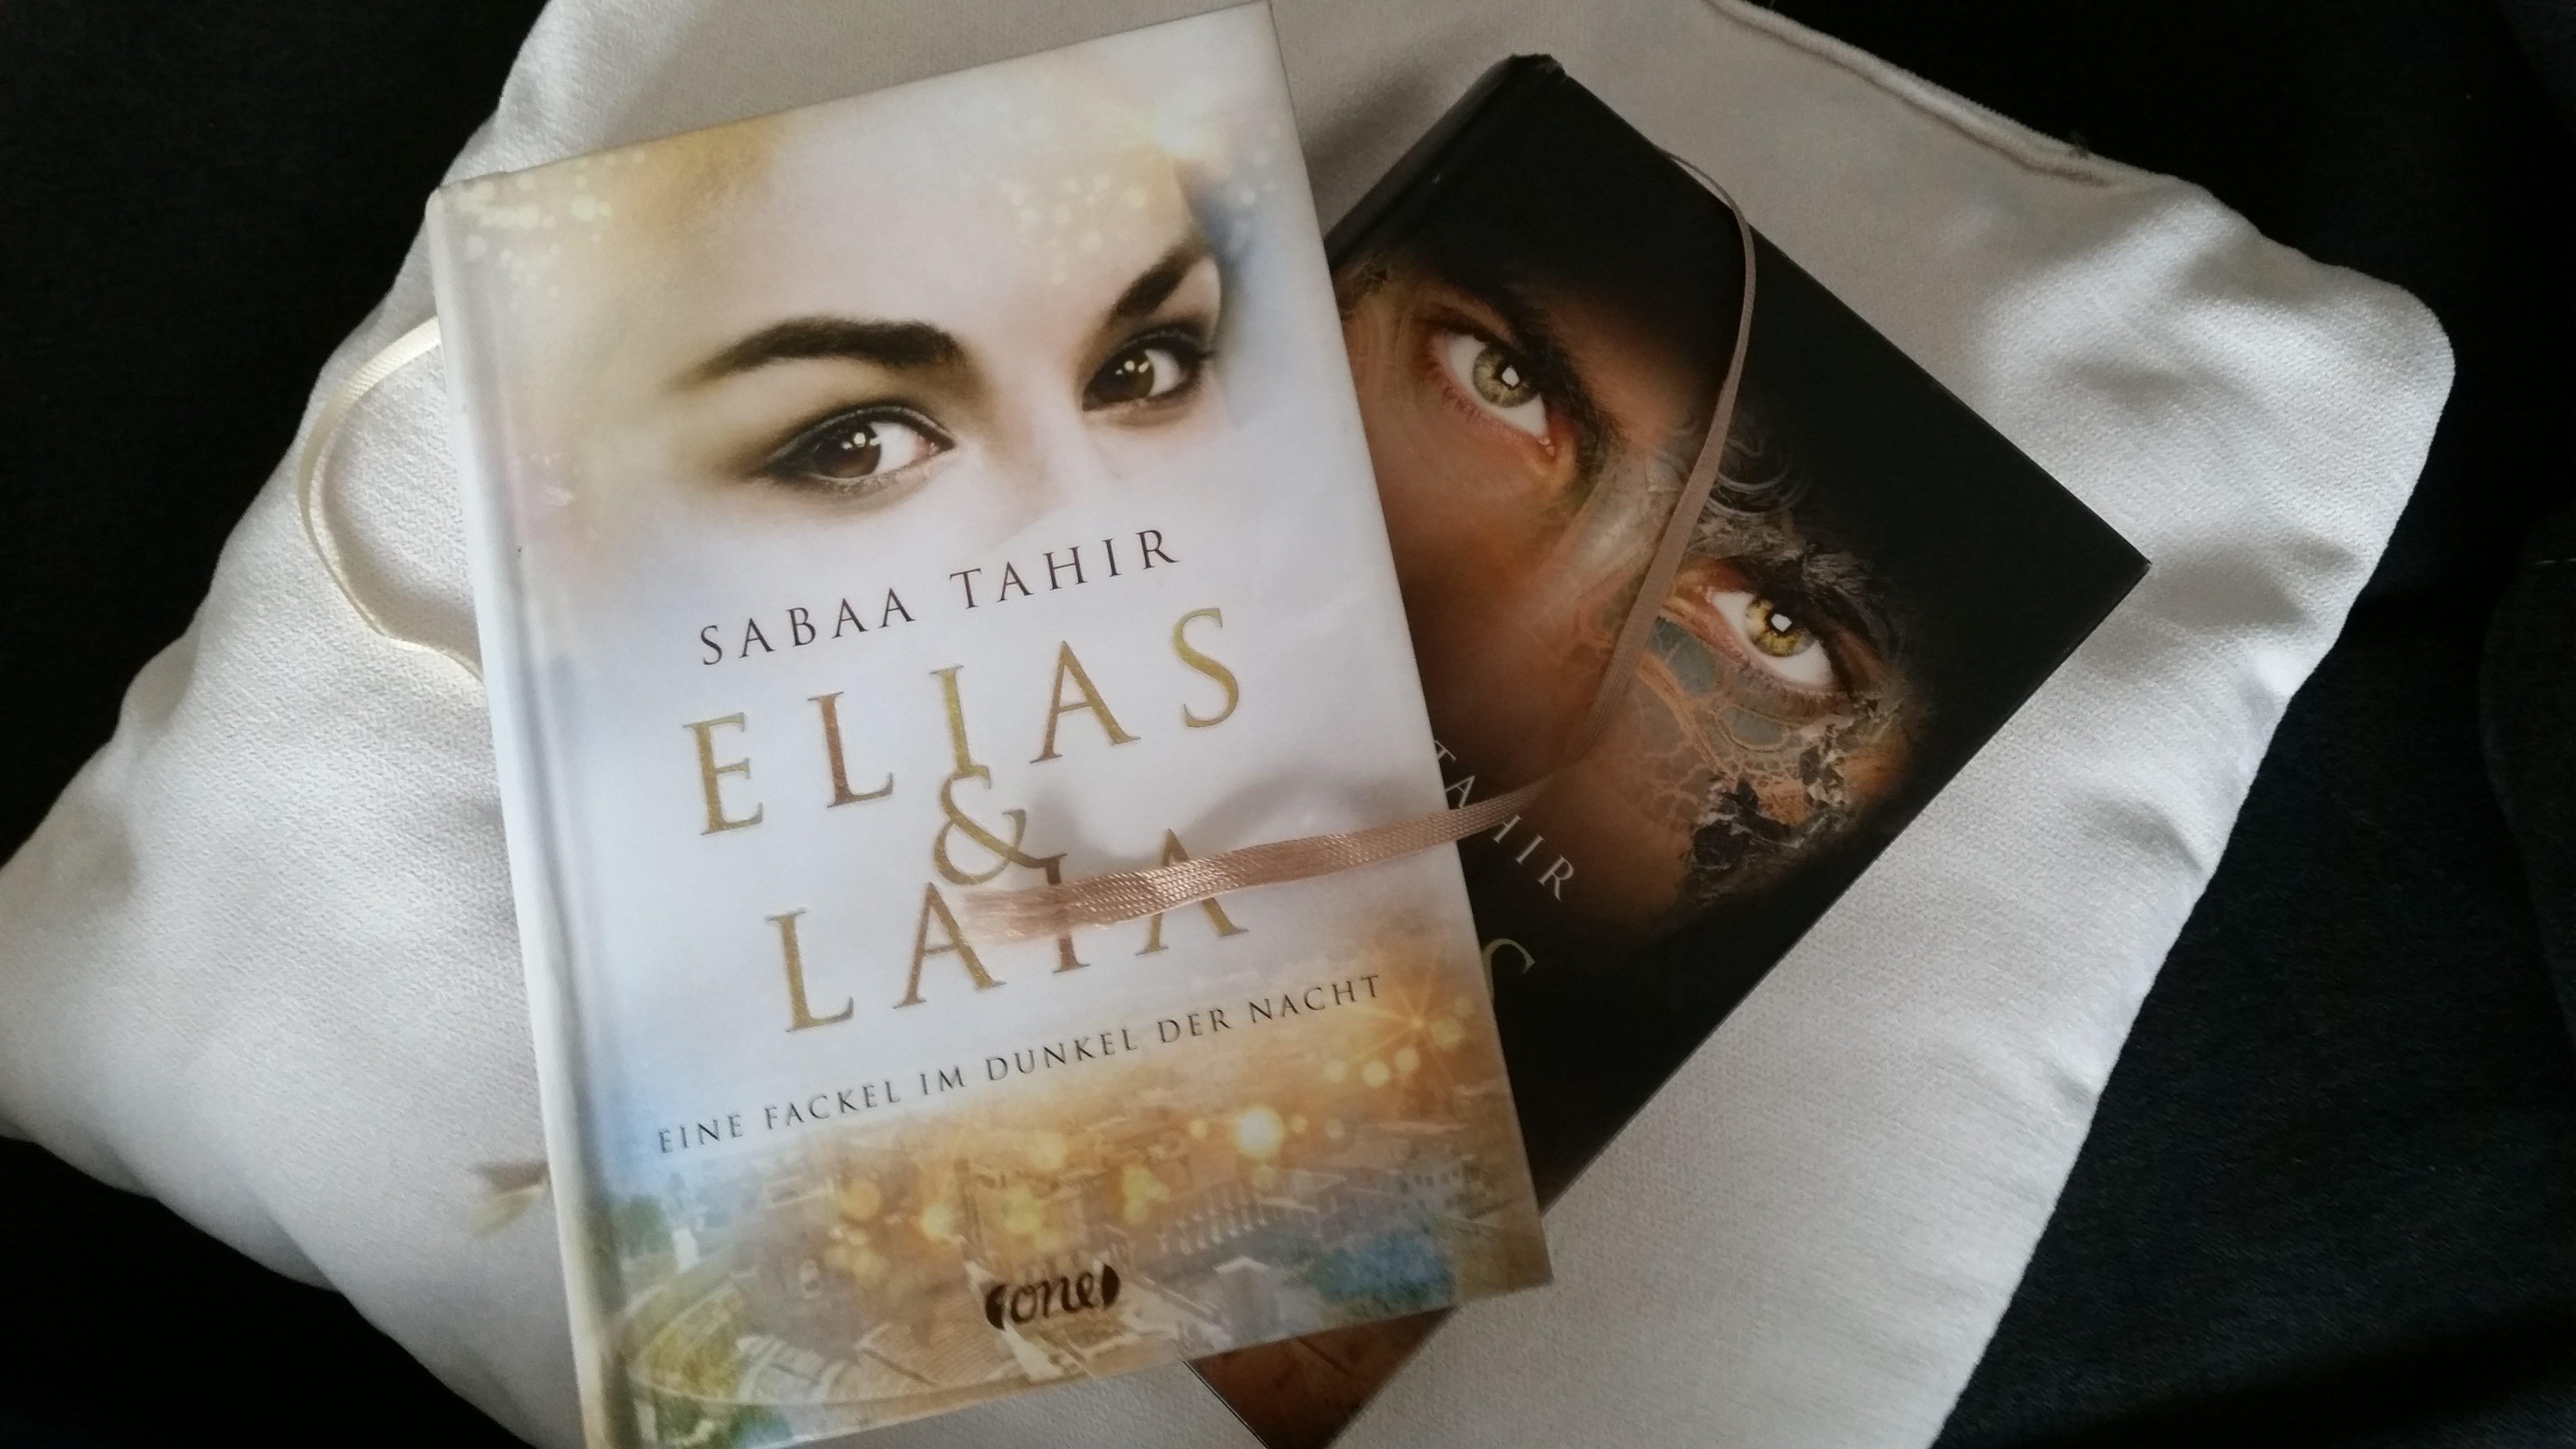 Elias und Laia Eine Fackel im Dunkel der Nacht